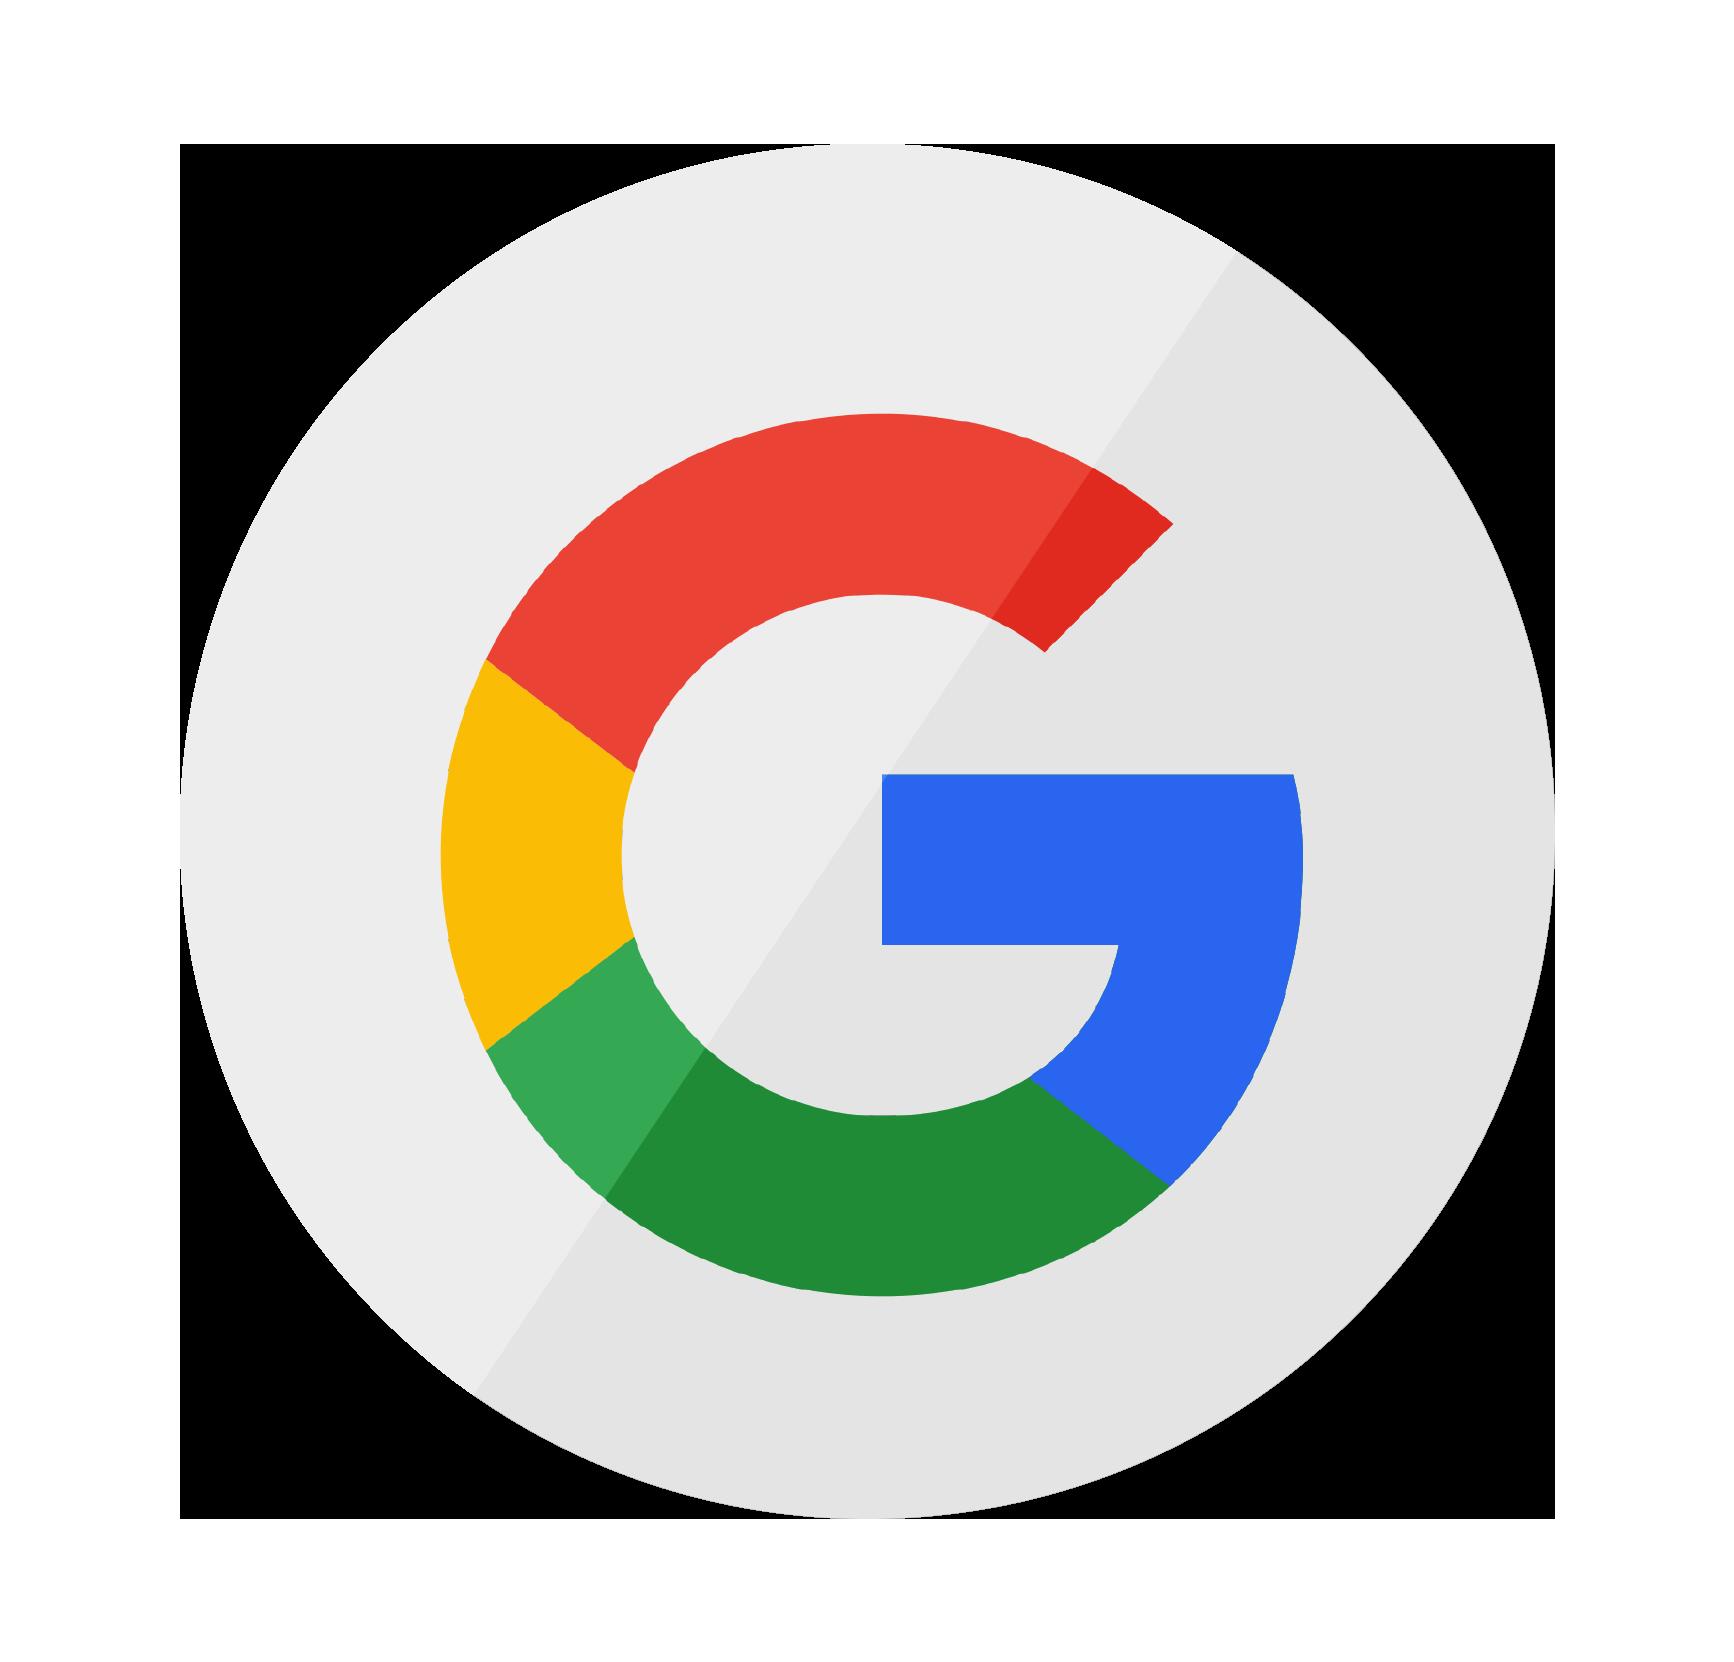 Download Google Pay Gboard Platform Logo Cloud HQ PNG Image ...